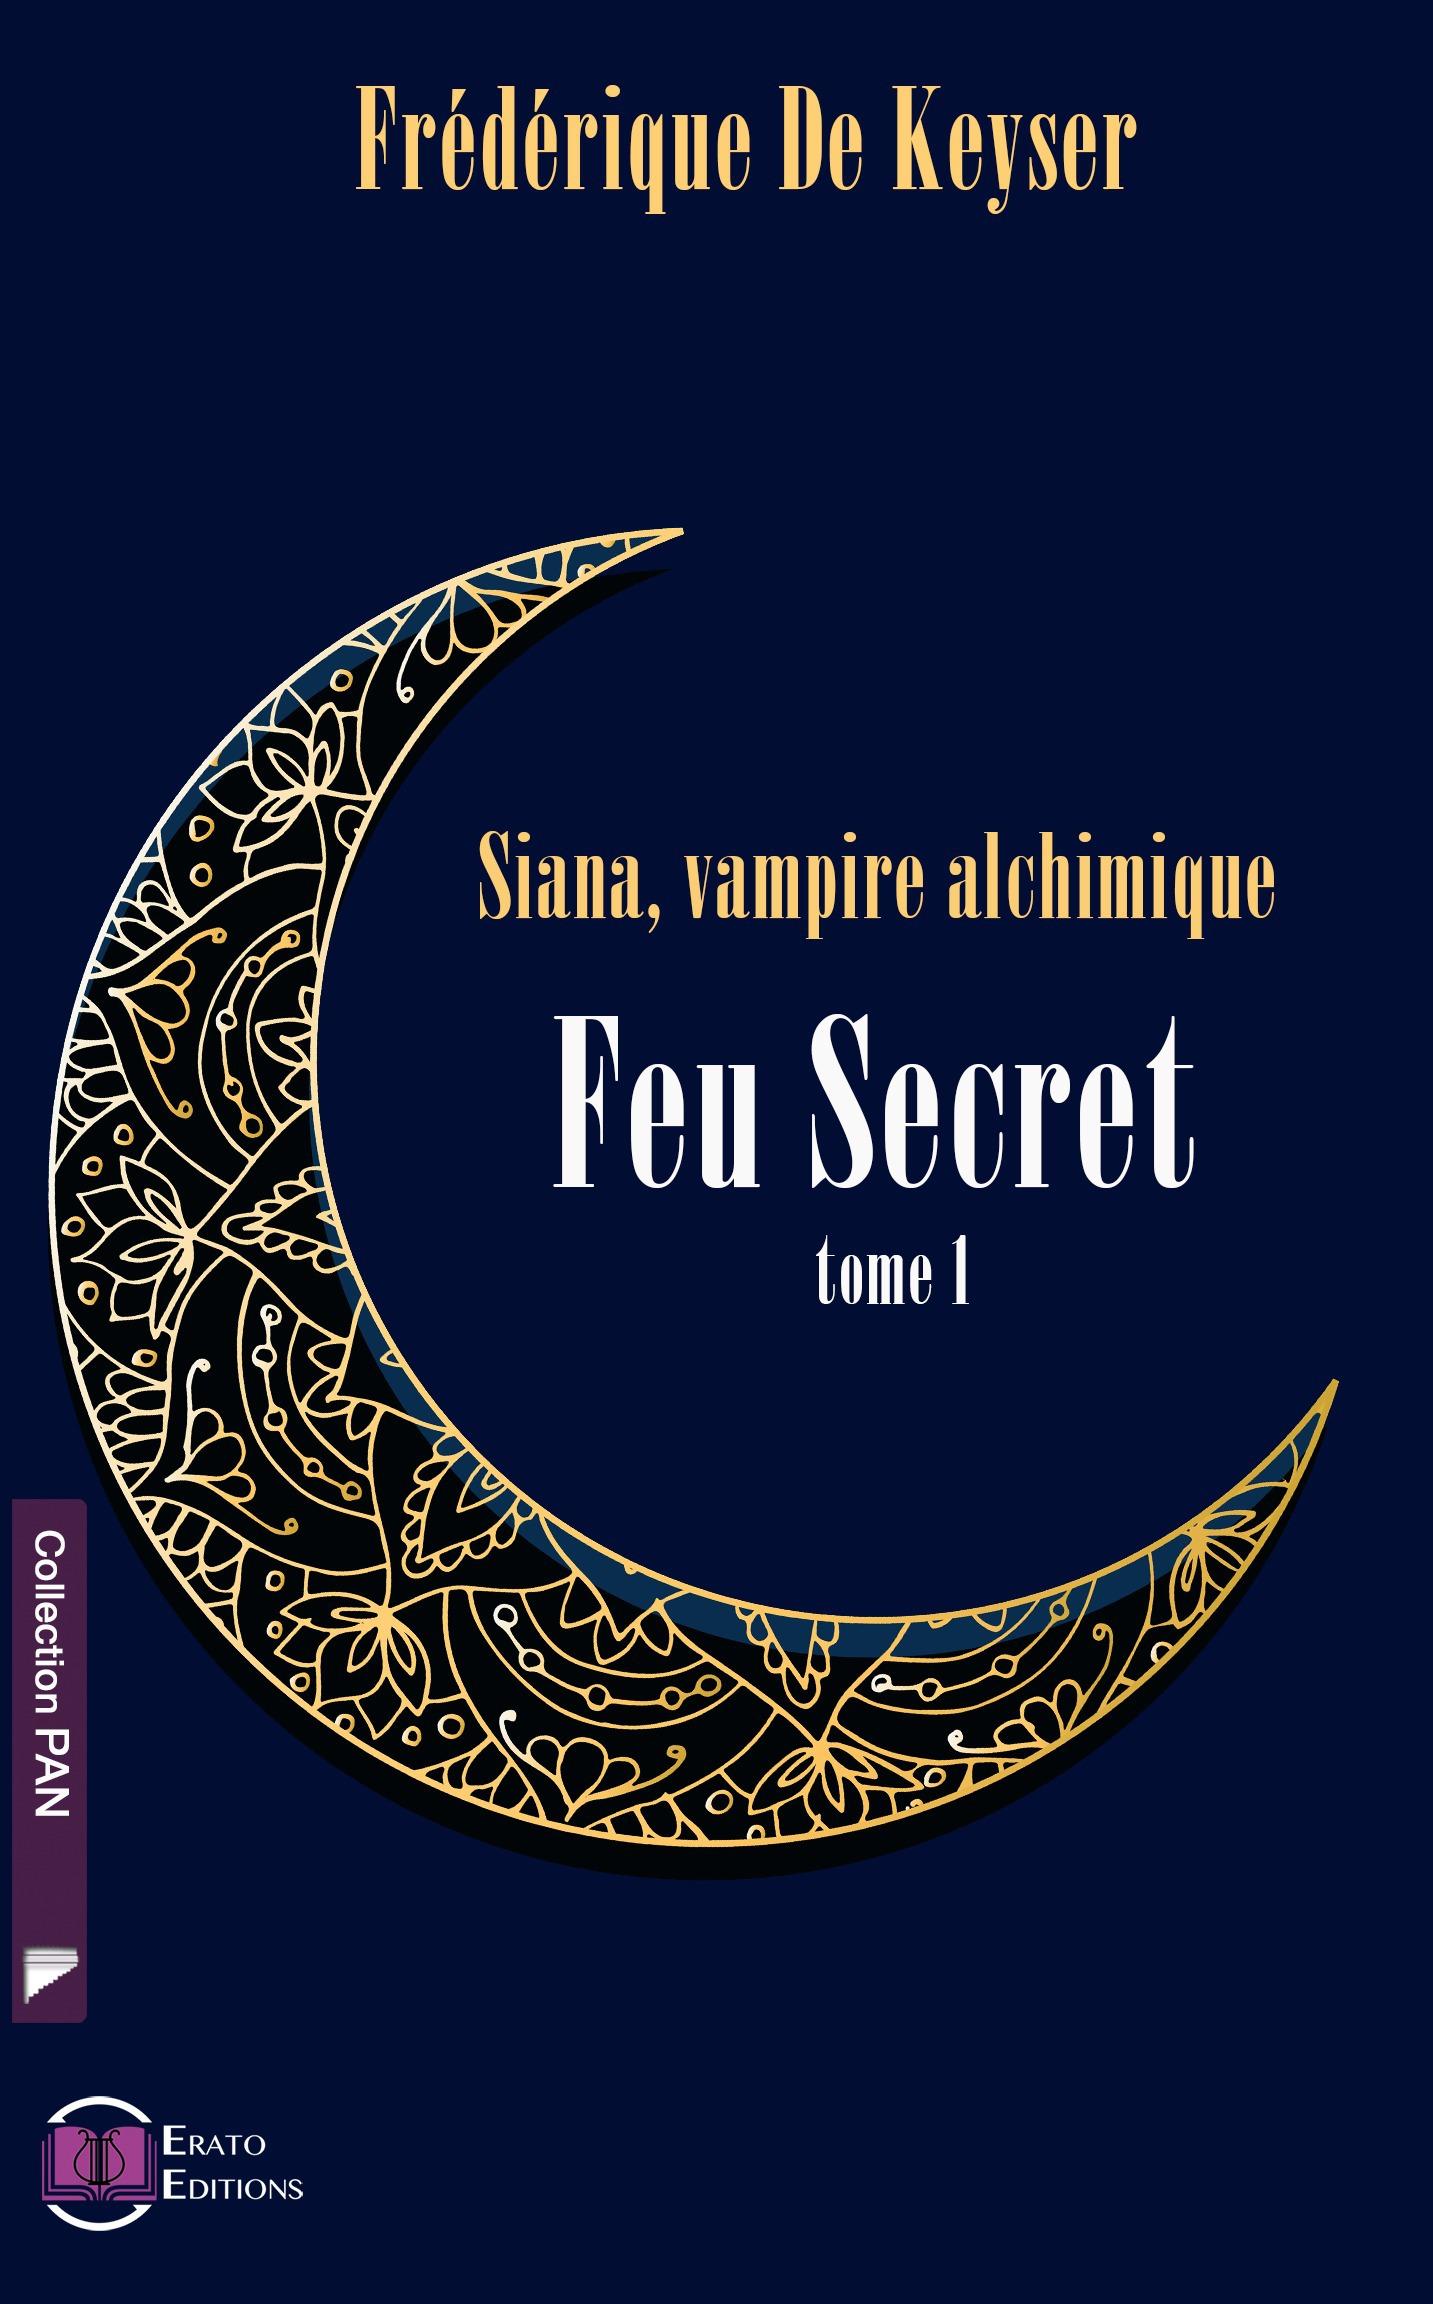 Siana vampire alchimique : tome 1 feu secret